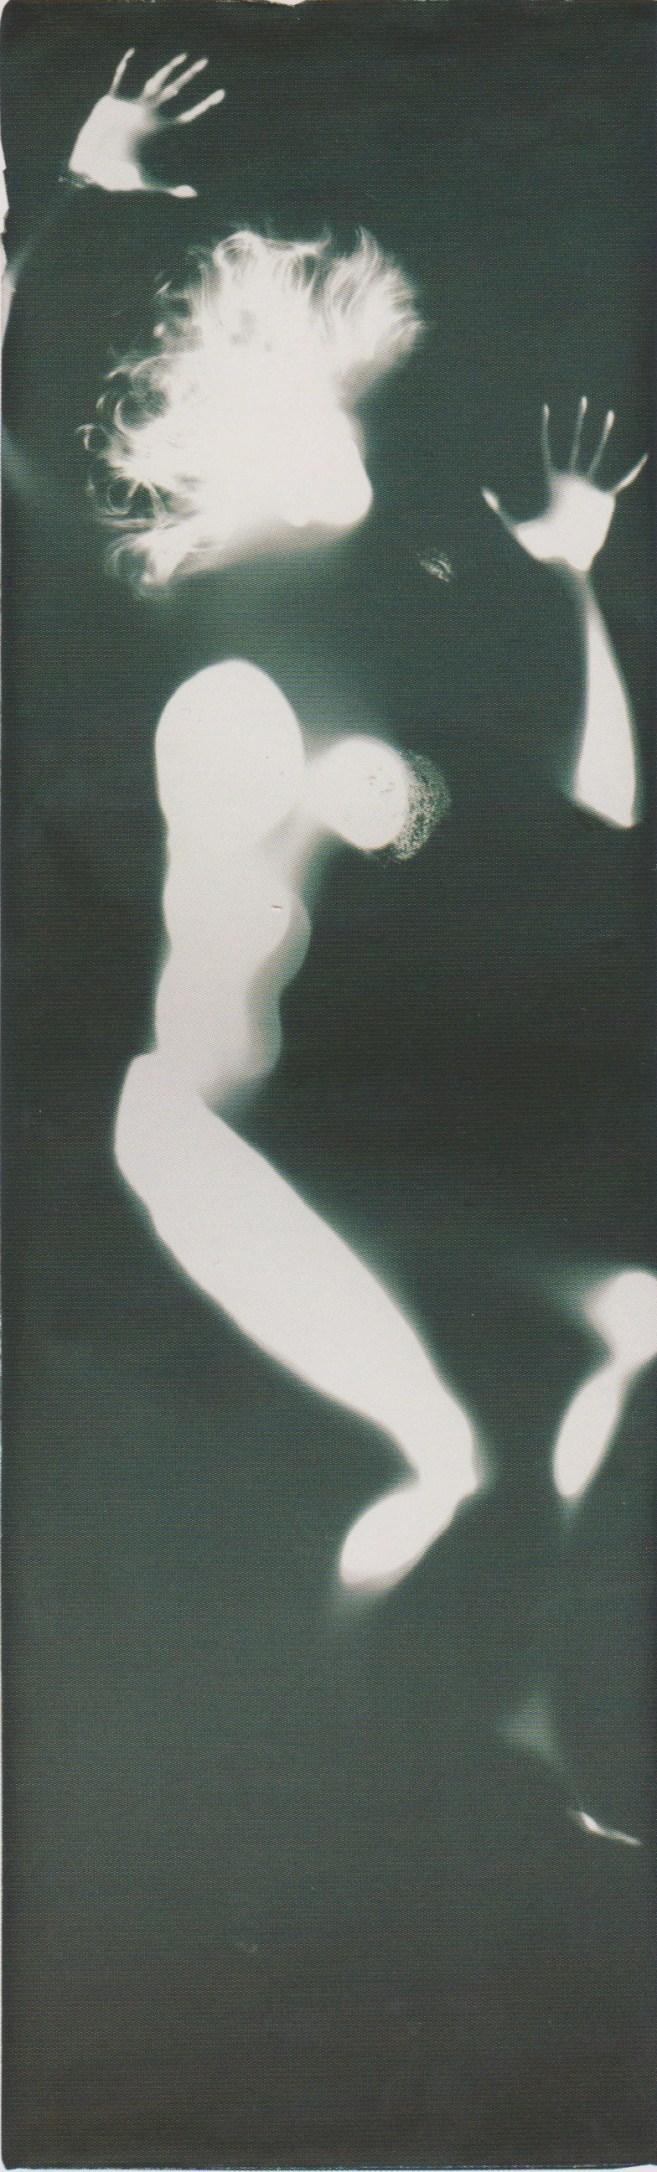 Alessandra Salardi Tommasoli, Della serie Ombre, 1998